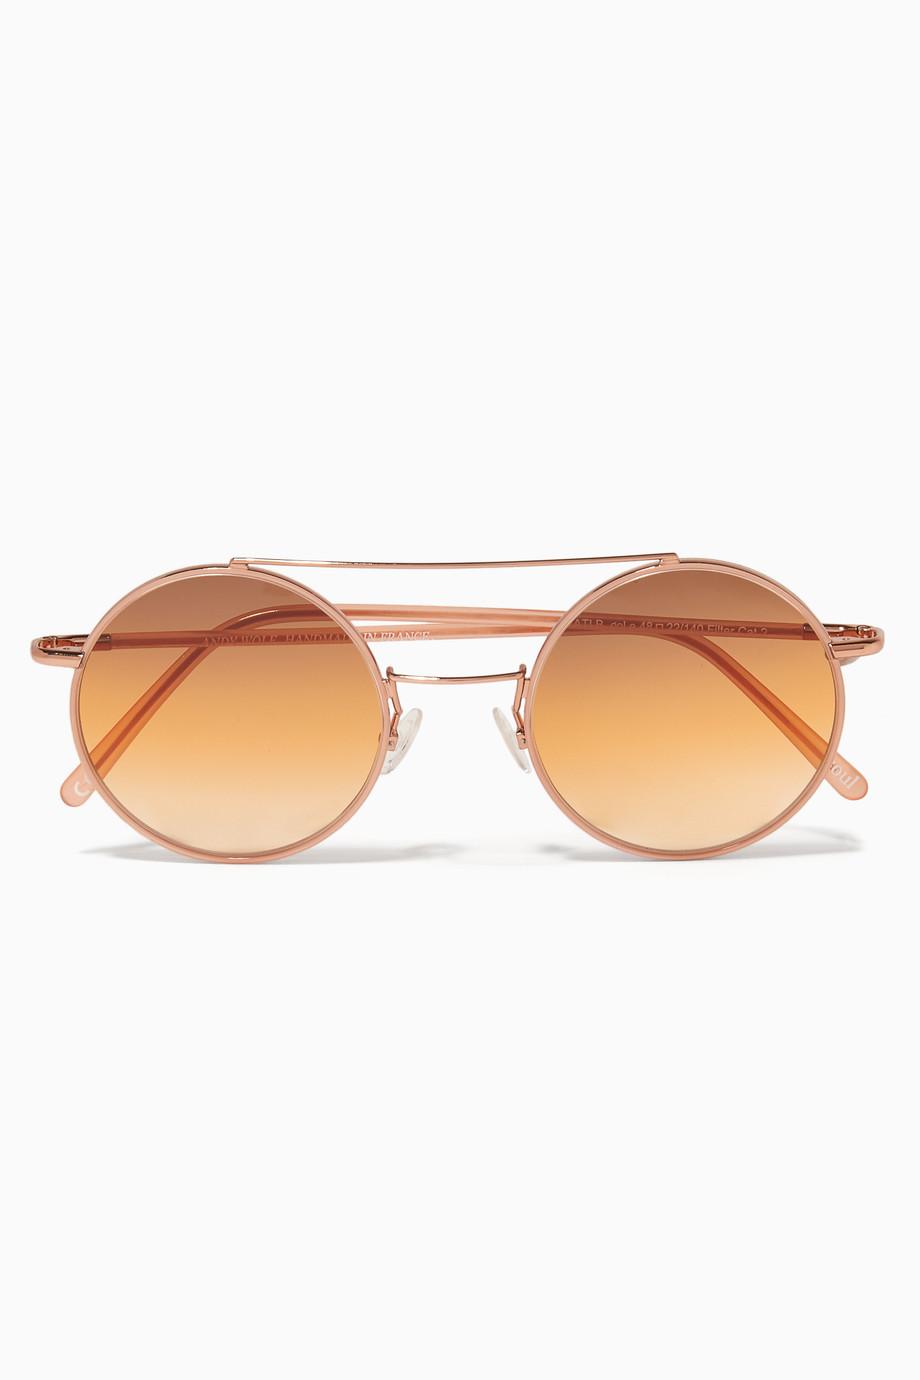 418b24c82 تسوق نظارات تاتي شمسية وردية فاتحة اندي وولف ملون للنساء | اُناس البحرين